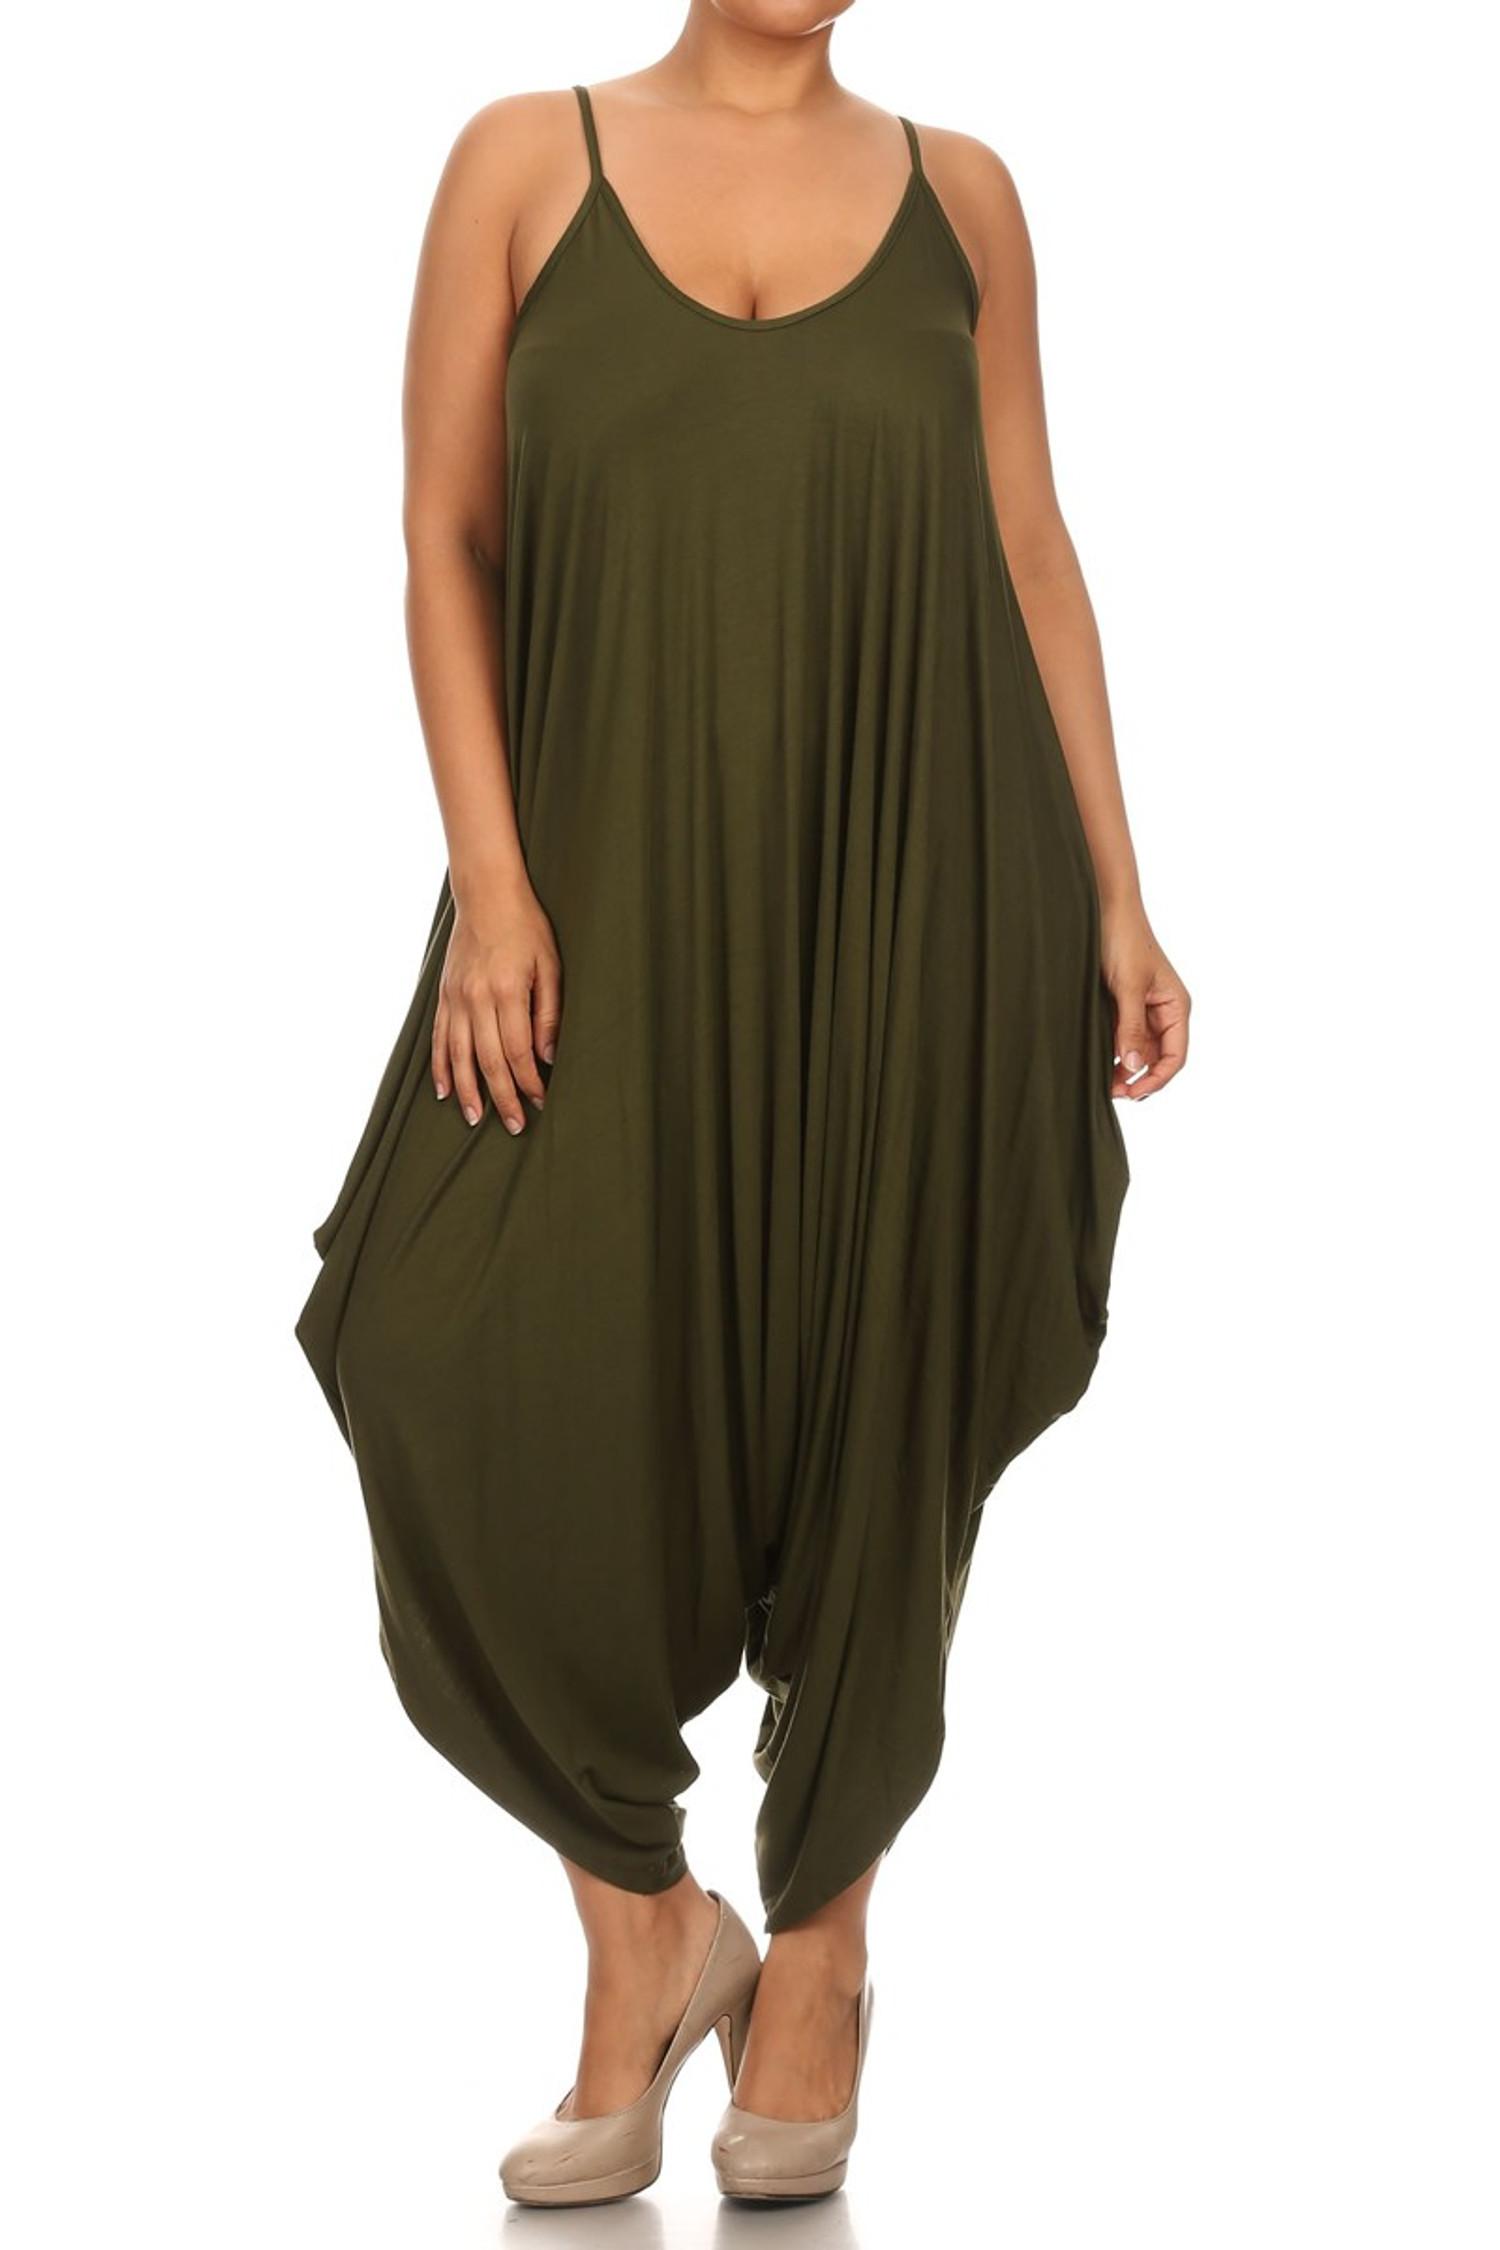 Olive Bohemian Harem Jumpsuit - Plus Size